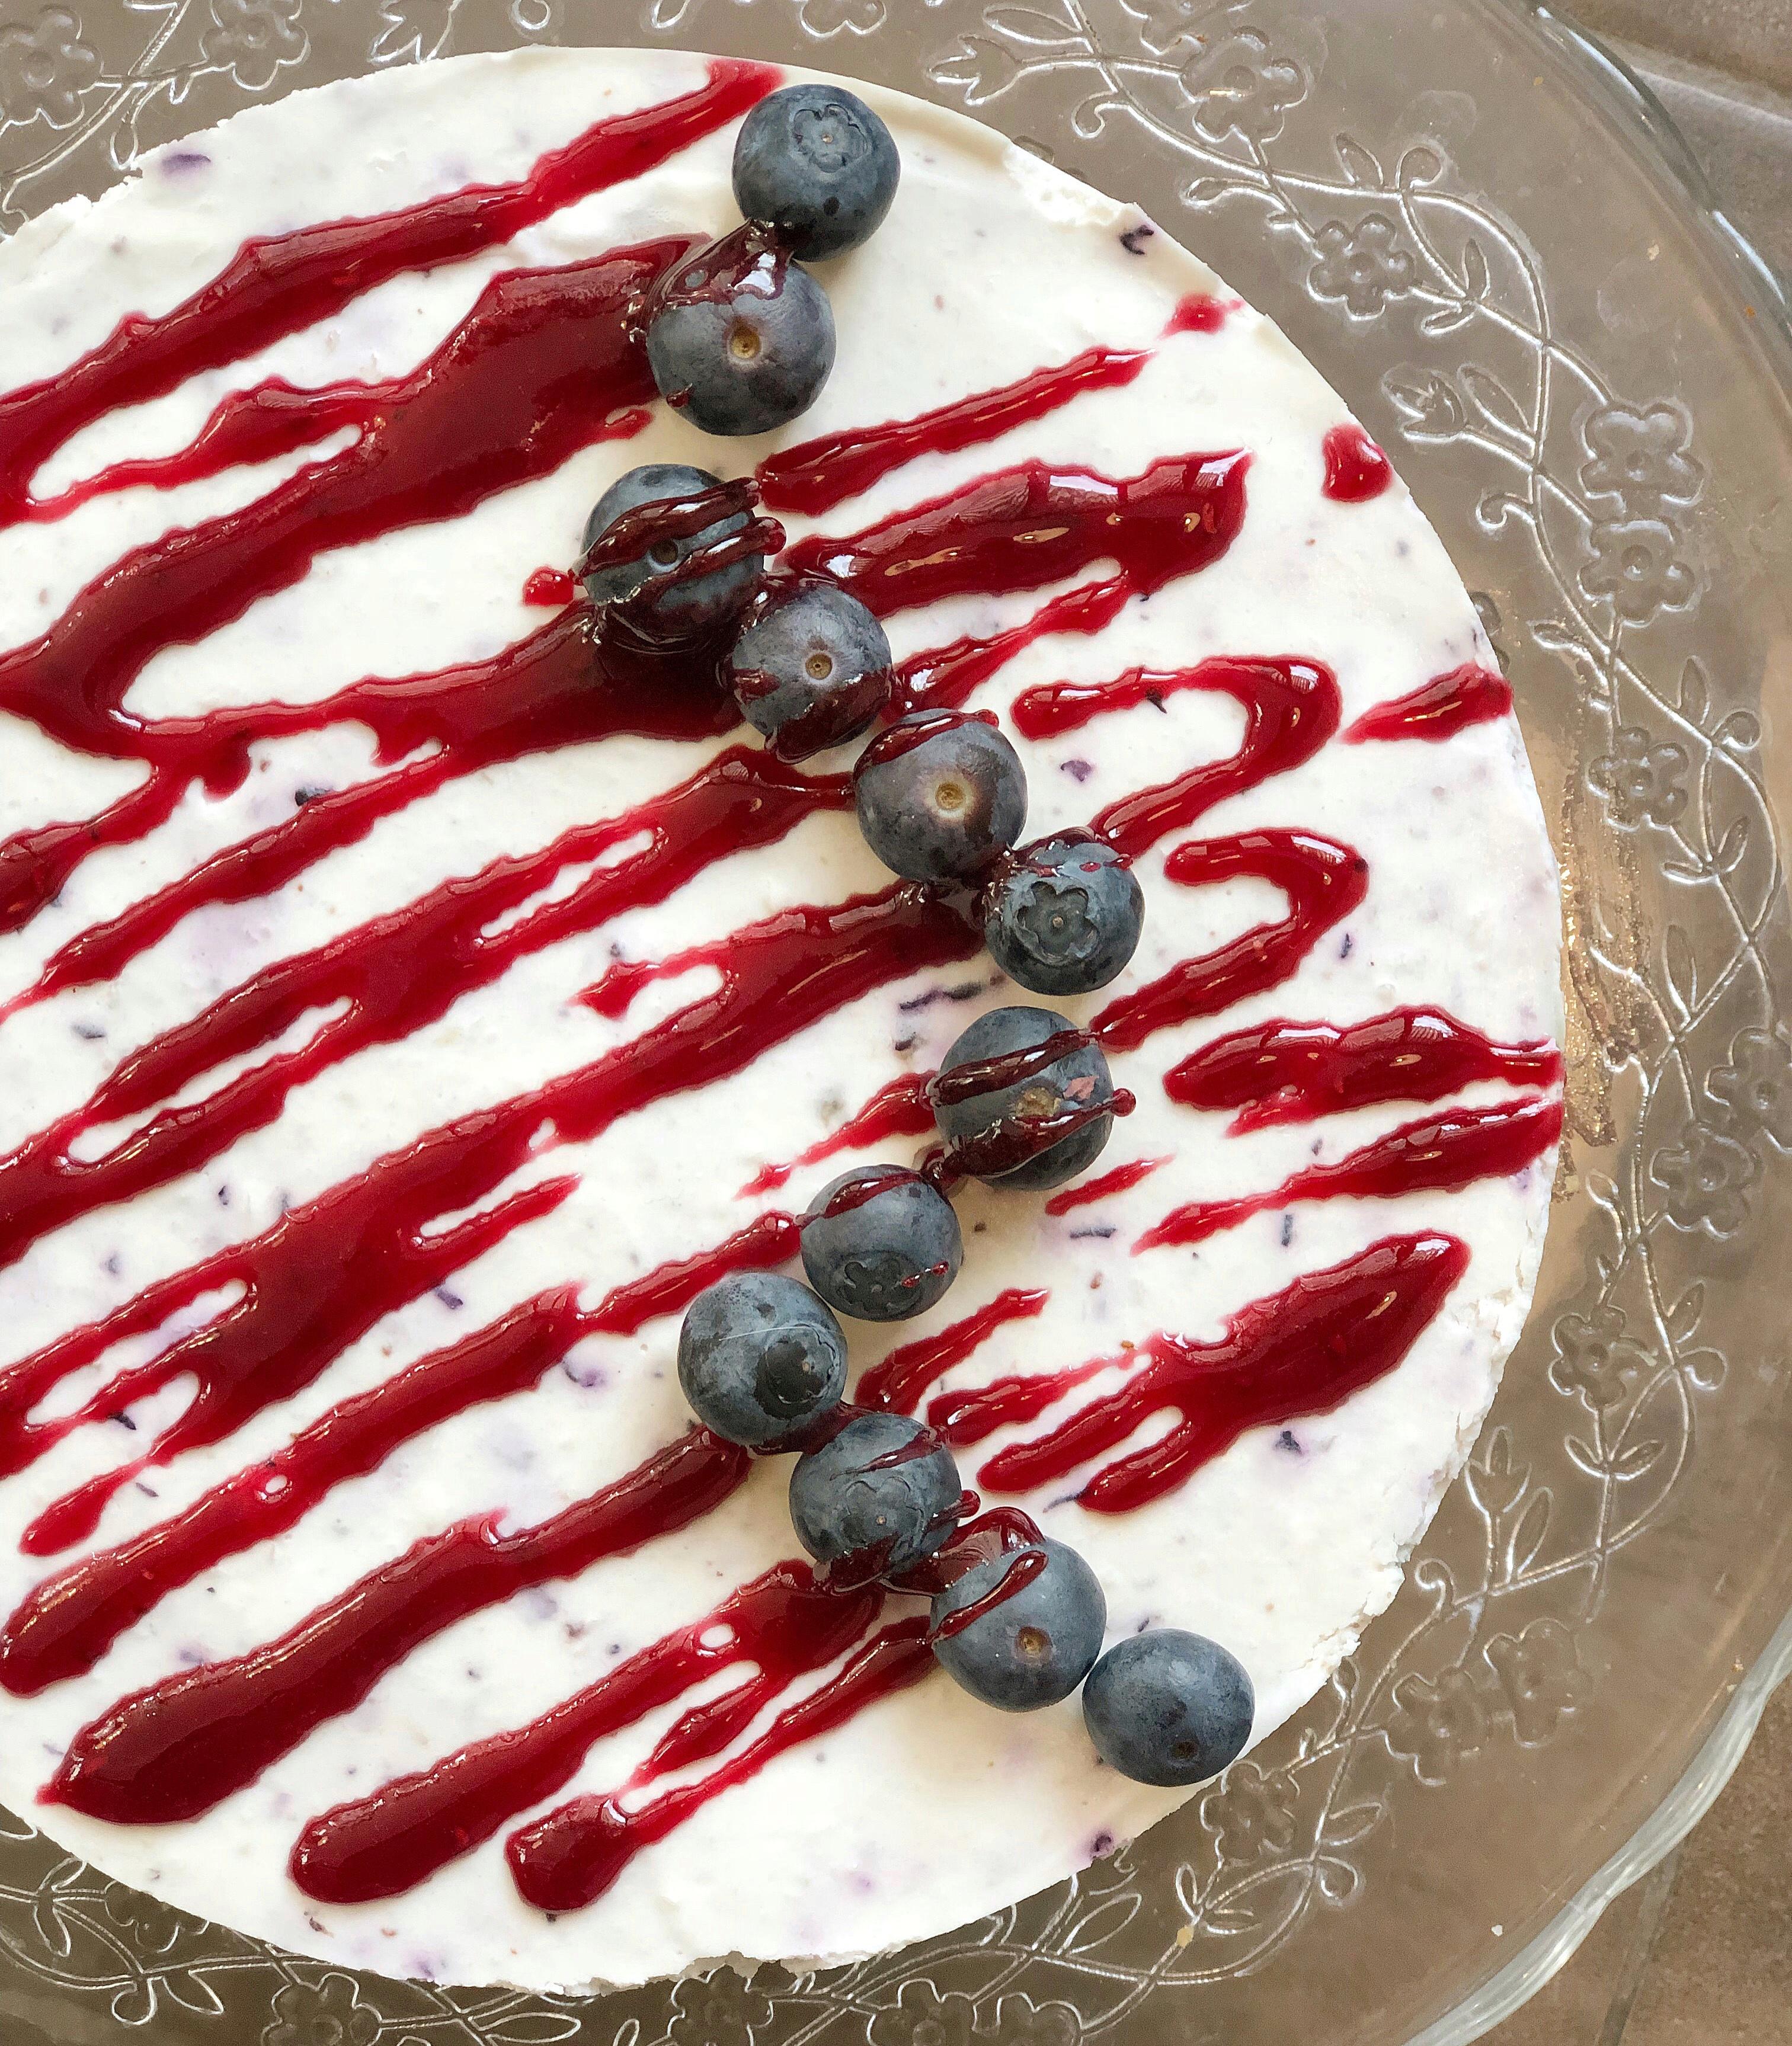 Torta Fredda ai Mirtilli Senza Burro, un dolce goloso e fresco di dolci senza burro